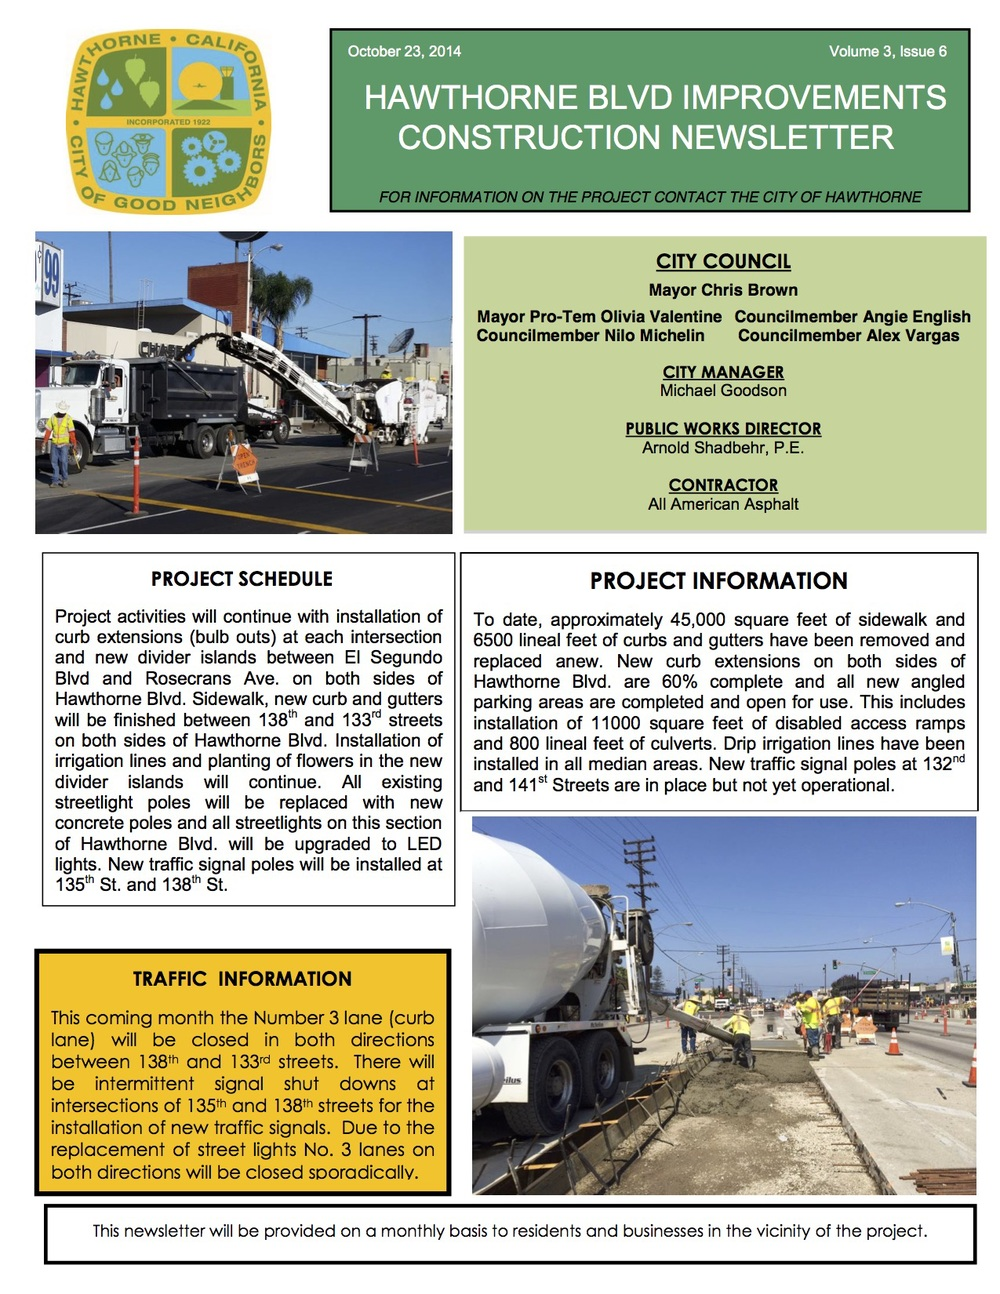 Hawthorne Blvd Improvements Newsletter